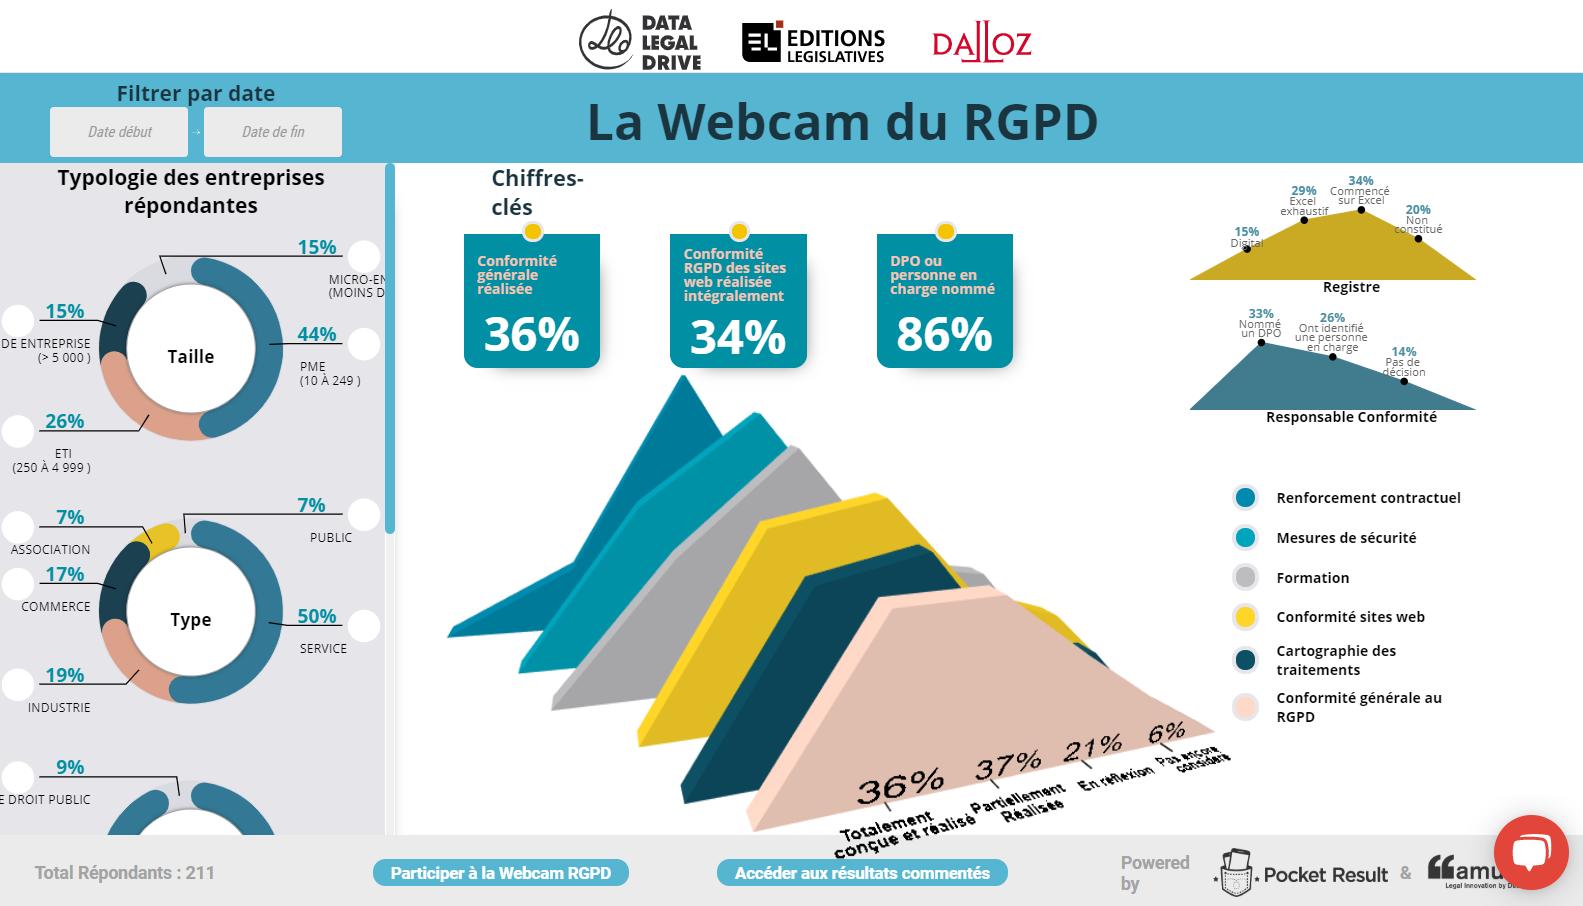 La Webcam du RGPD : le baromètre interactif de l'avancement du RGPD